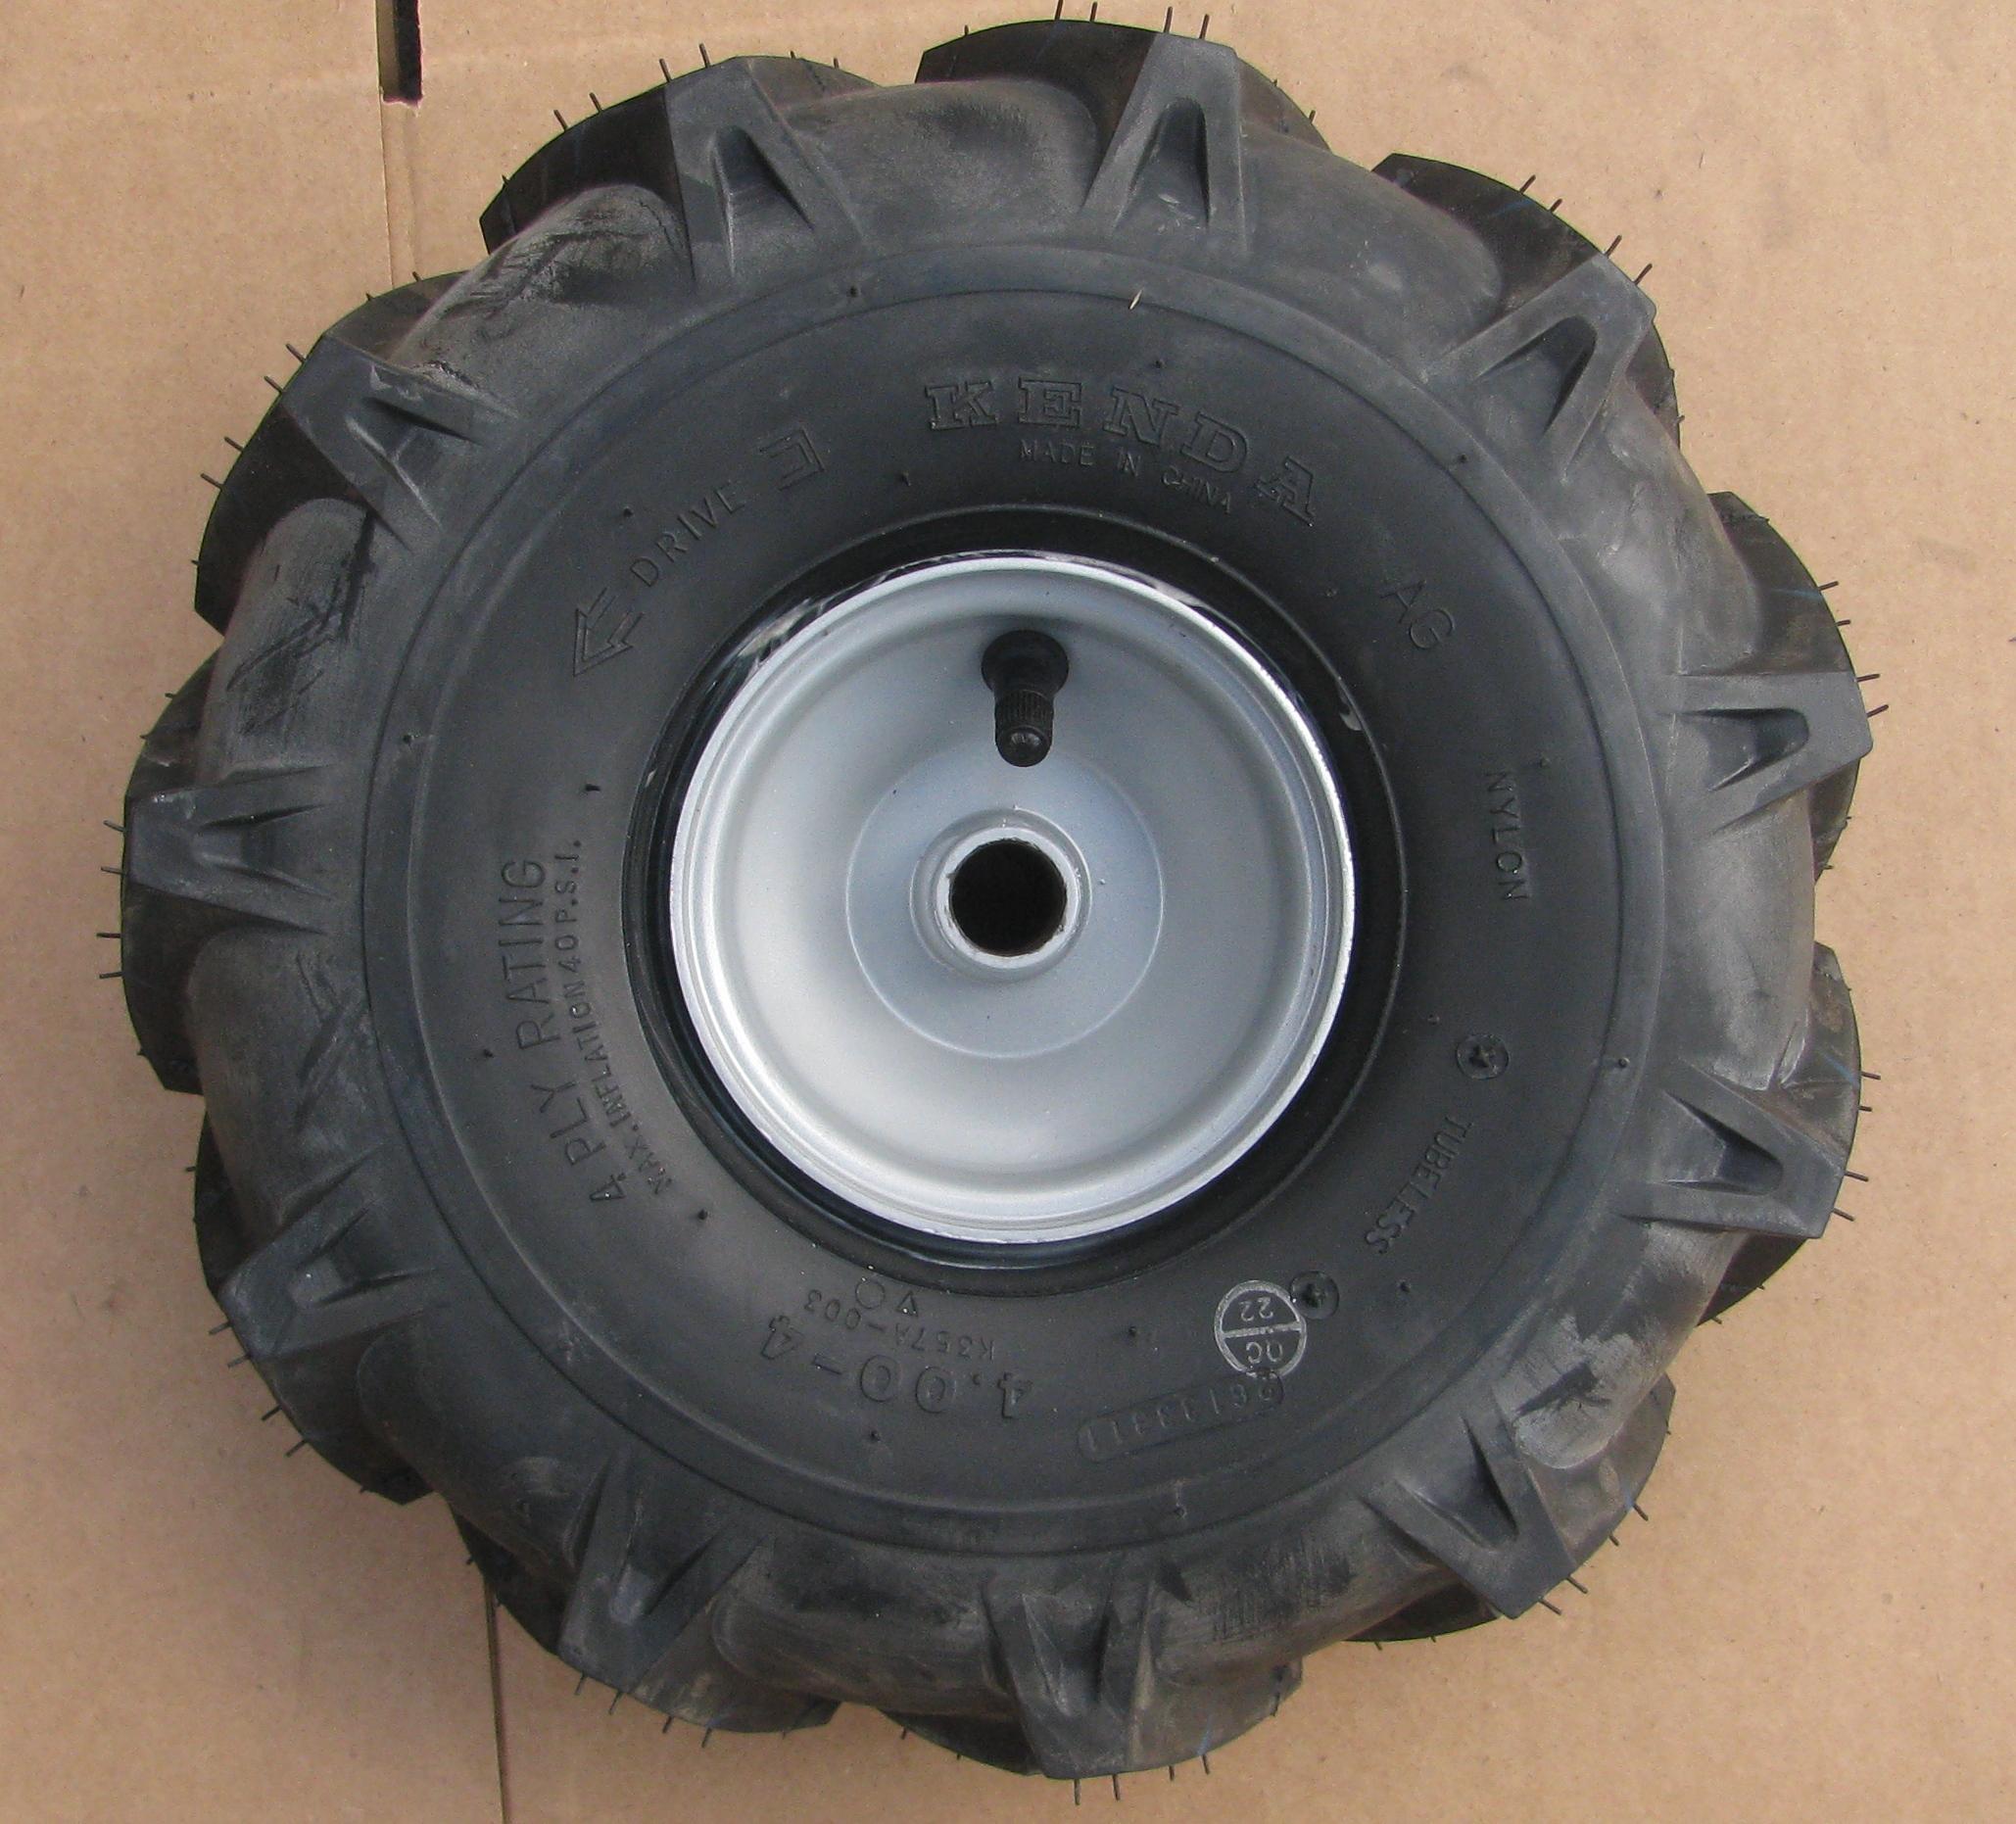 Tiller Tires And Wheels : Snow blower thrower tiller tire